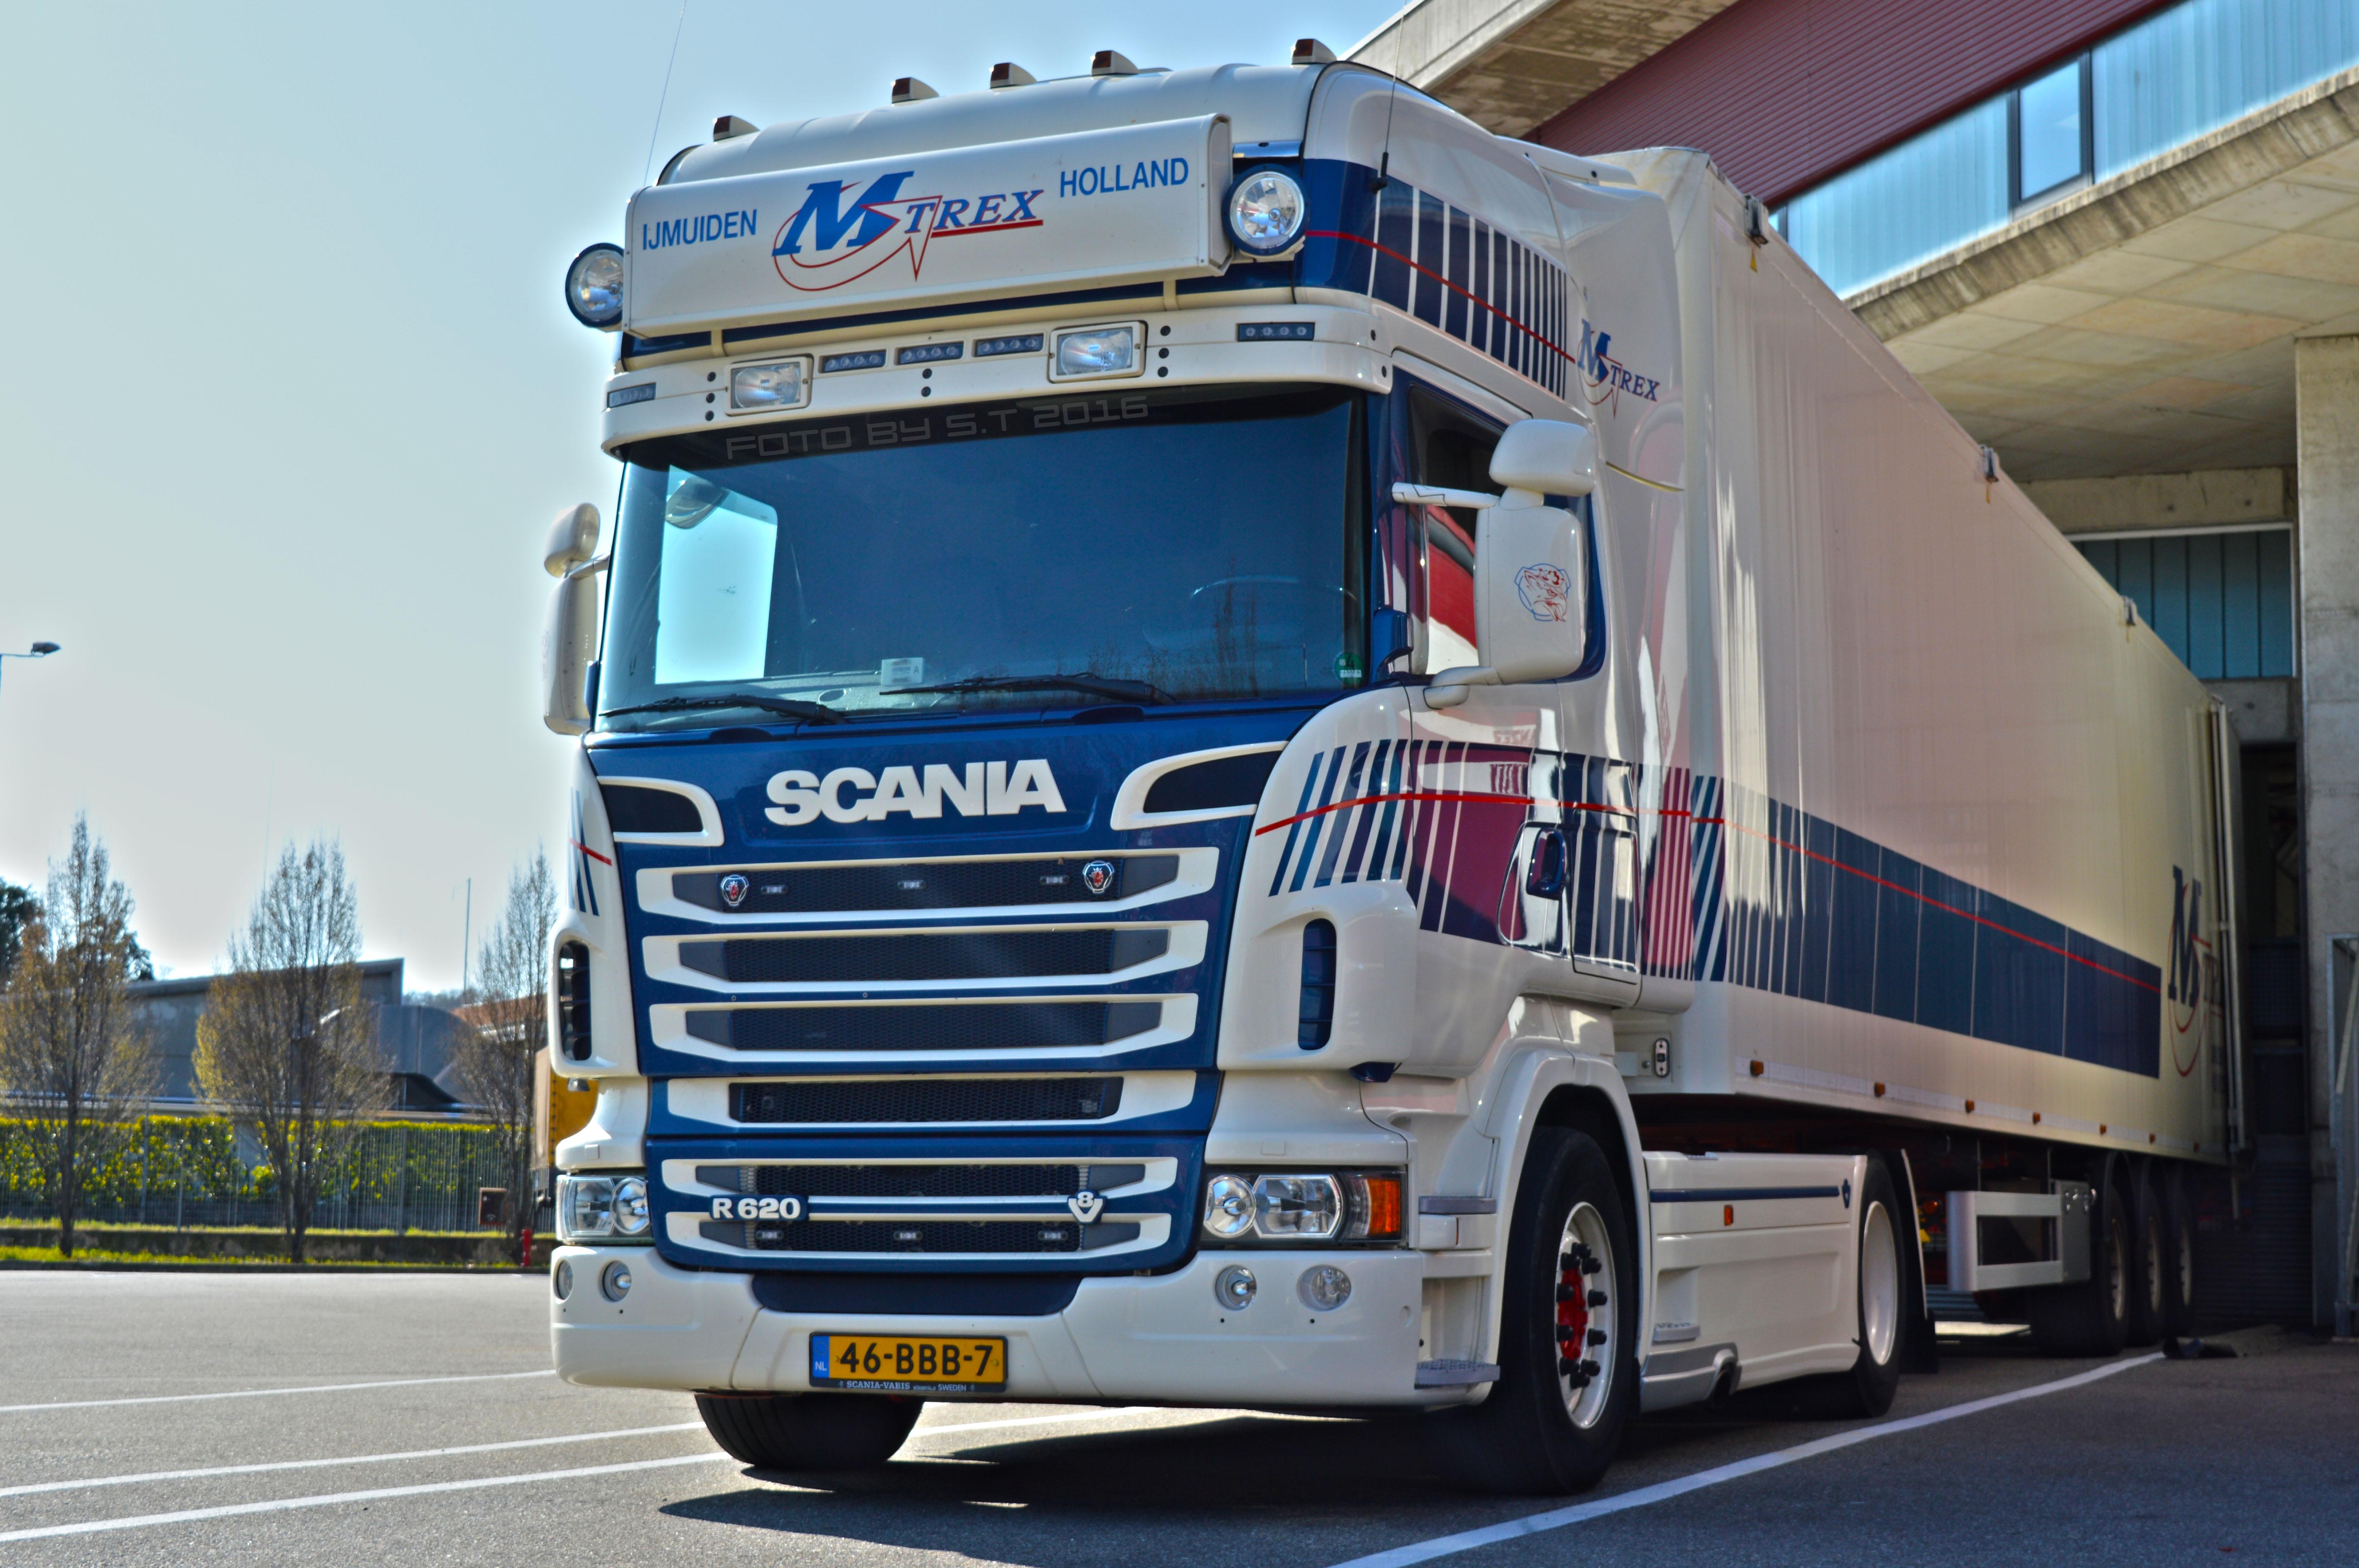 Fondos De Pantalla Scania Nl Escudriñar Scaniapower